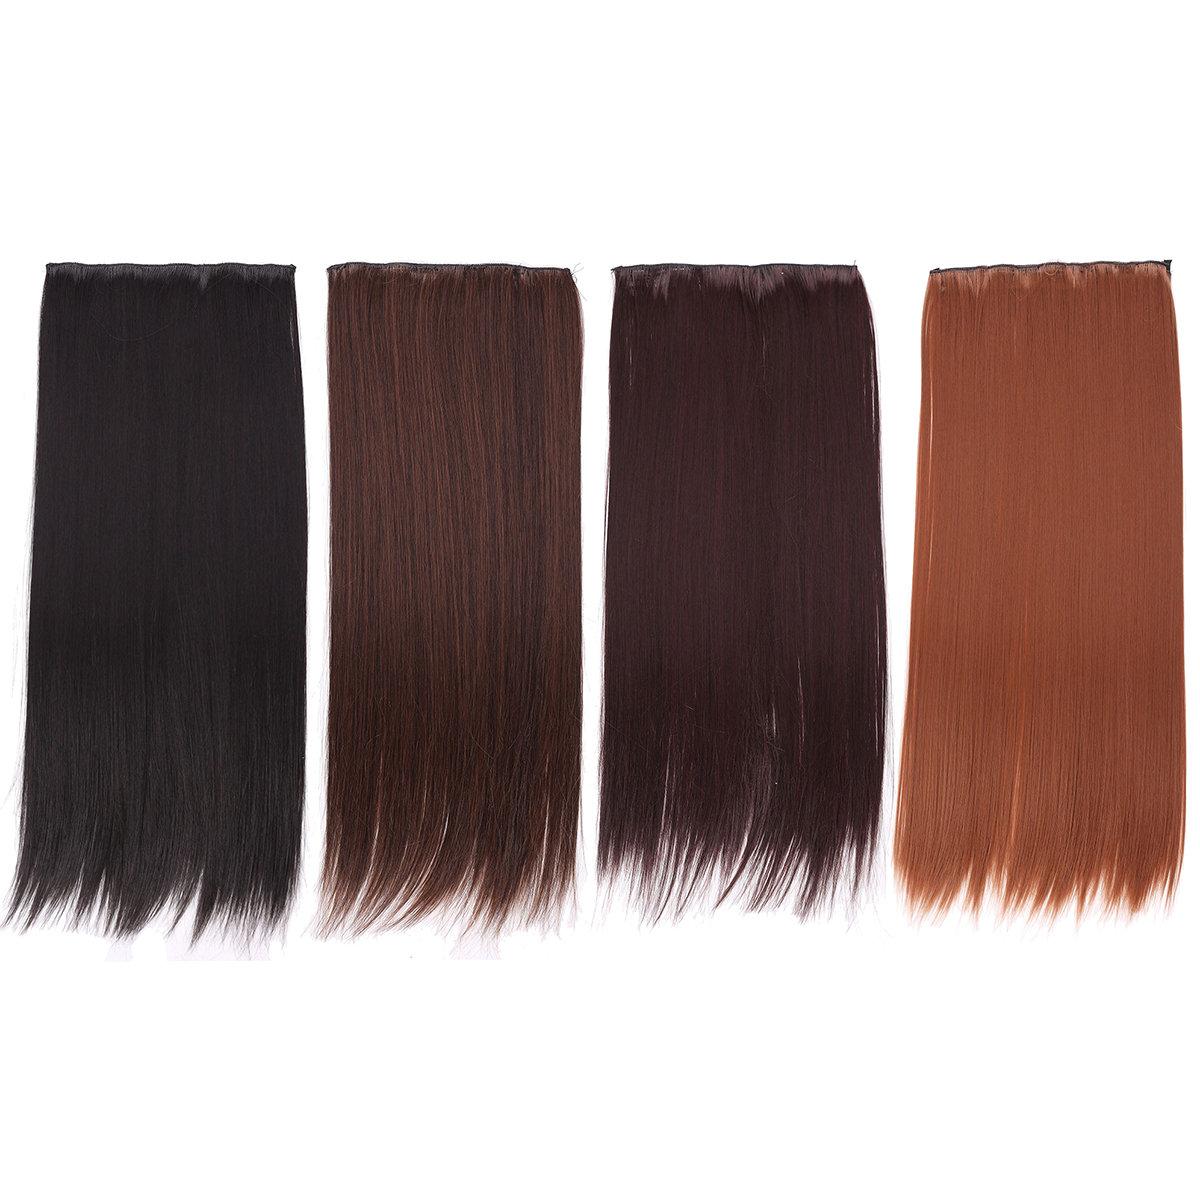 Женщины Full Head зажим выдвижений волос длинный прямой парик с 5 зажимами 4 цвета